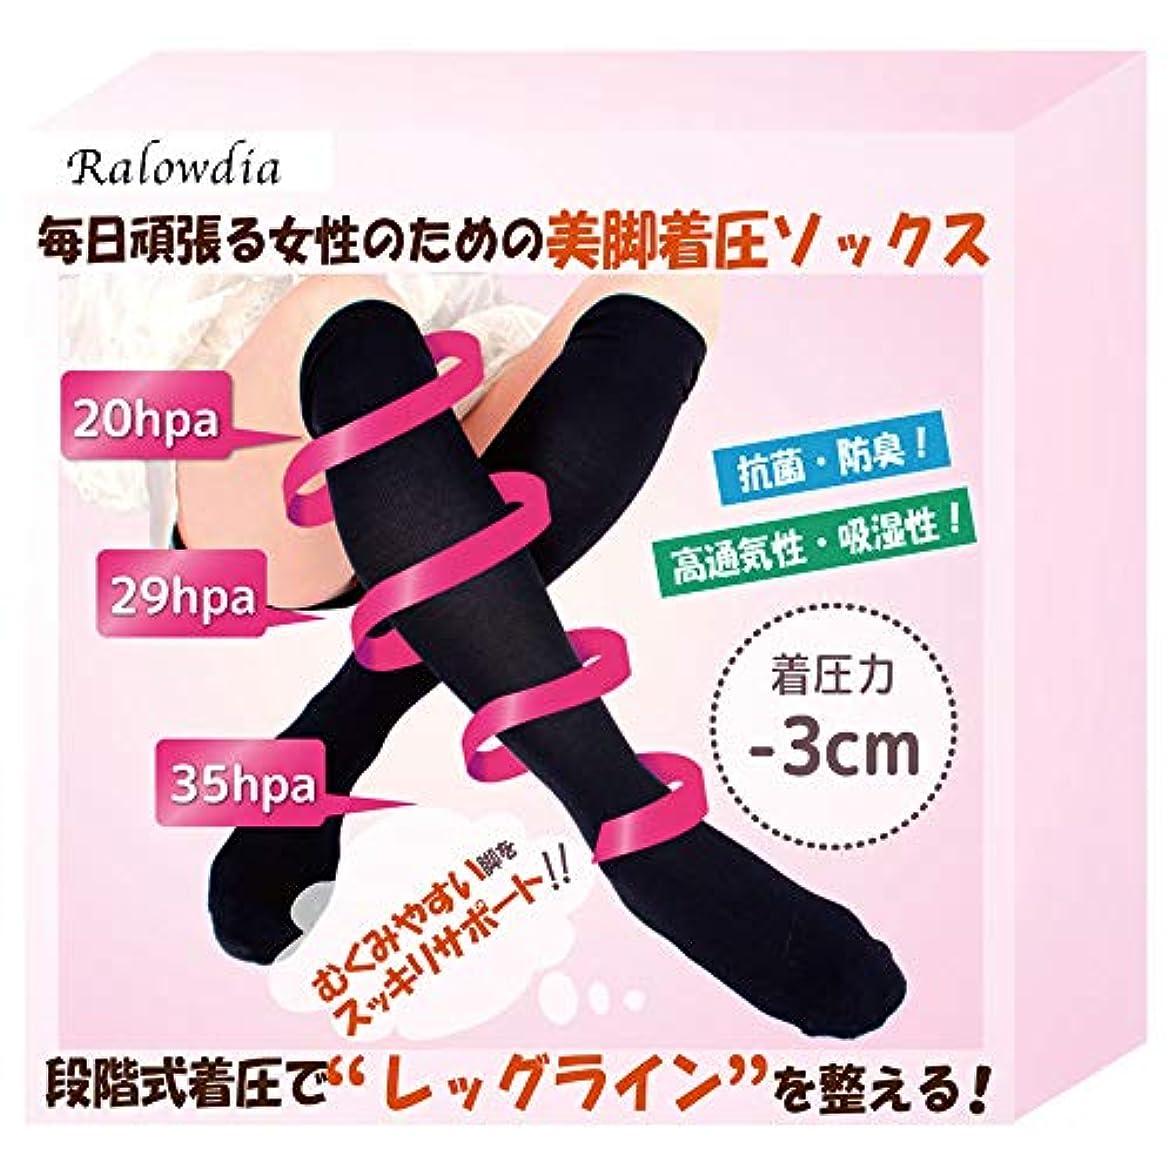 エコー重さ傾向があります着圧ソックス 美脚 加圧 靴下 妊婦 むくみ リンパ フライト 就寝時に 「Ralowdia」